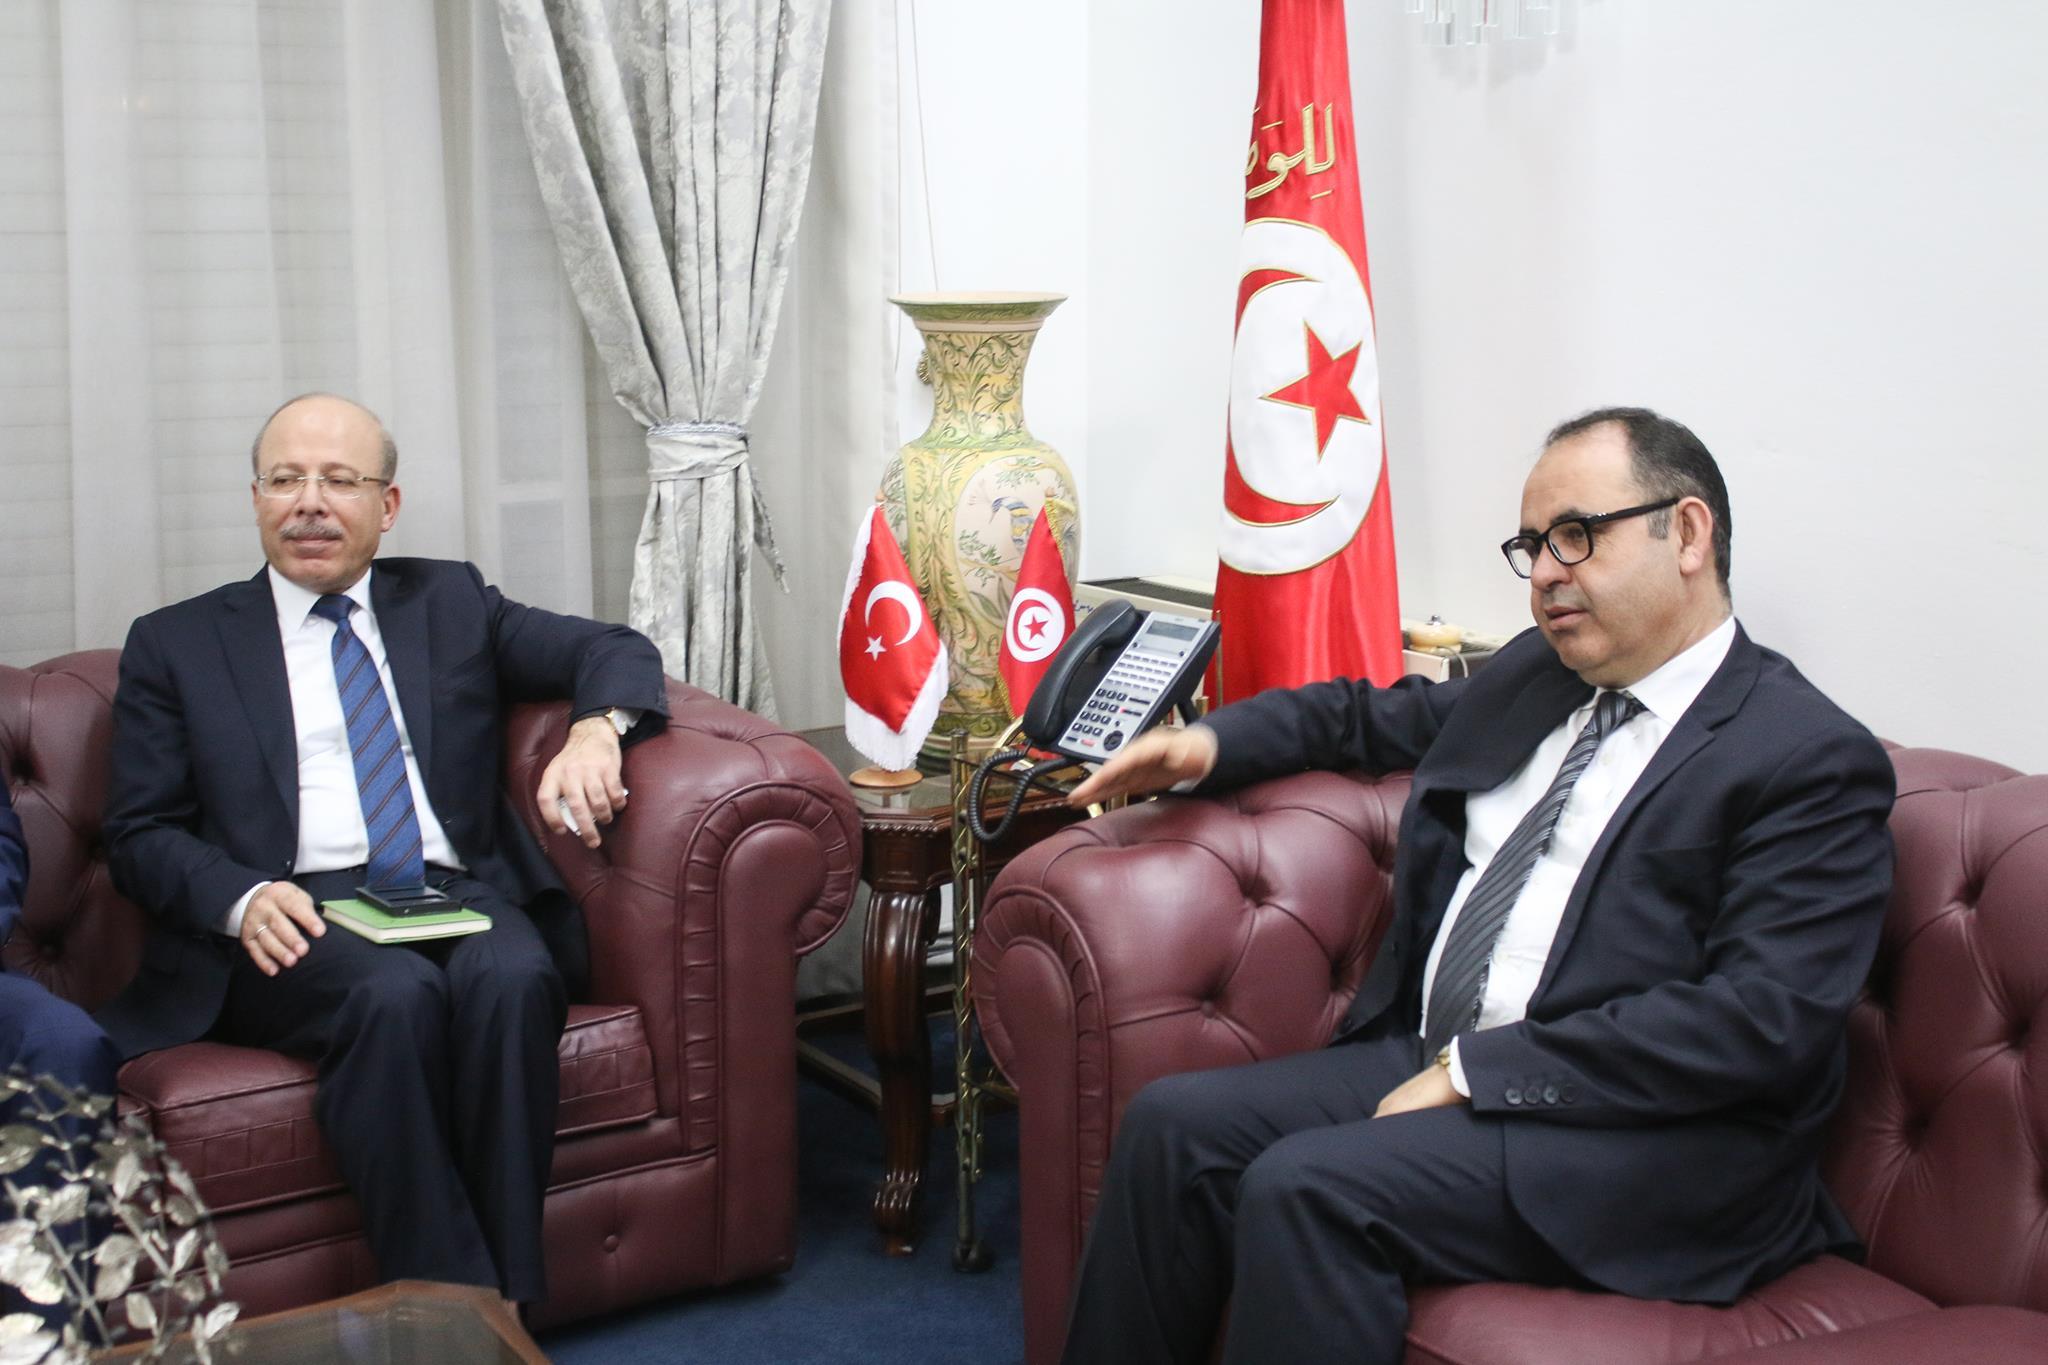 Le secrétaire d'Etat des domaines de l'Etat rencontre l'ambassadeur de Turquie en Tunisie